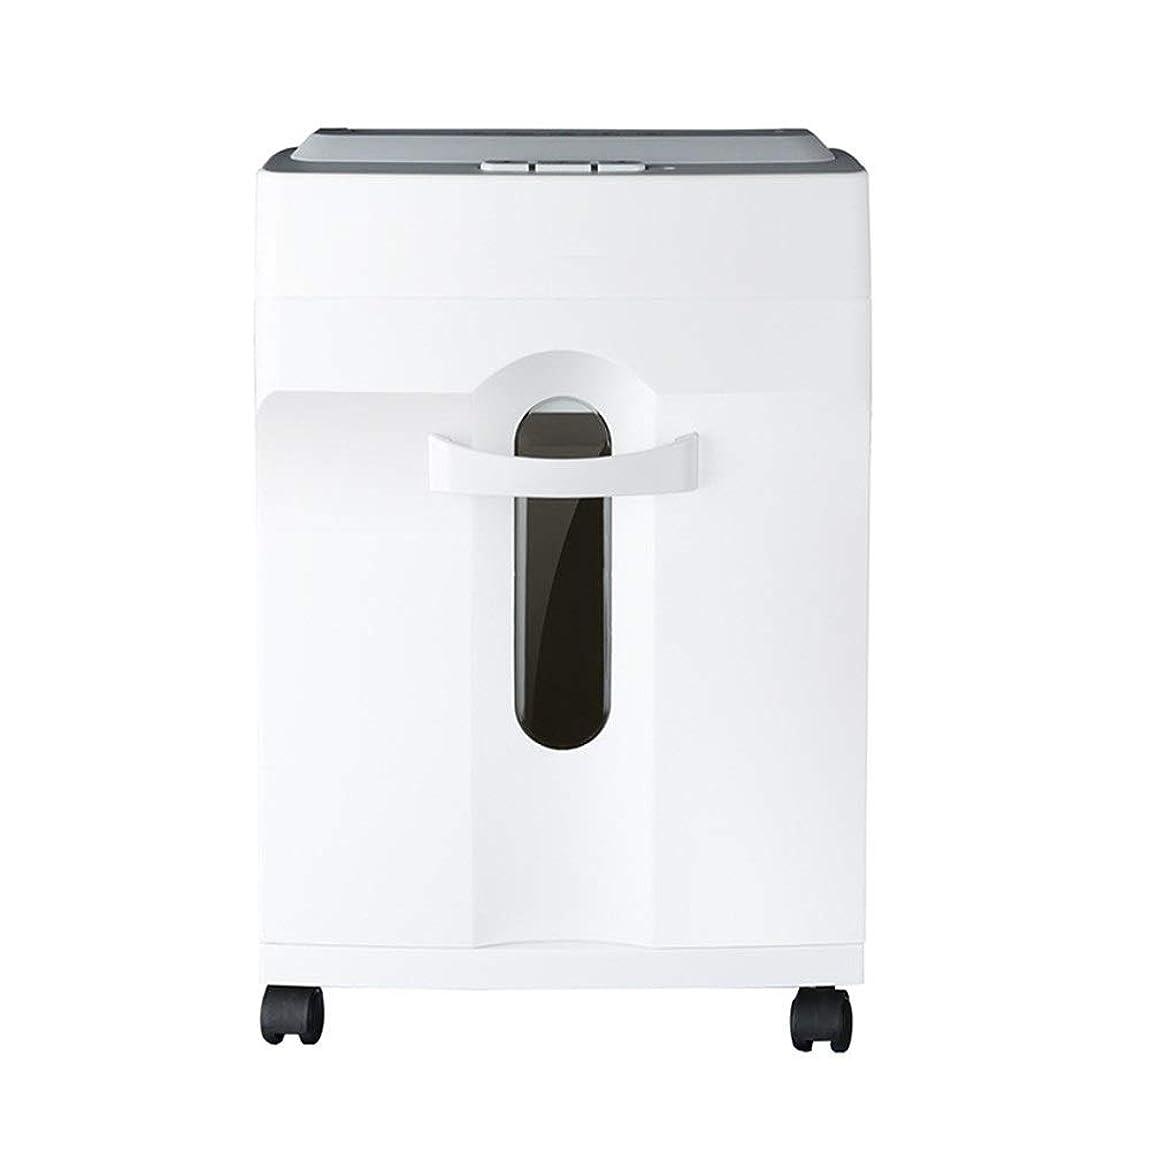 肥沃な脅威不完全なS4レベルエレクトリックオフィス家庭小さな力シュレッダー安全と光 必須のOfficeツール (色 : White, Size : 33x24x50cm)